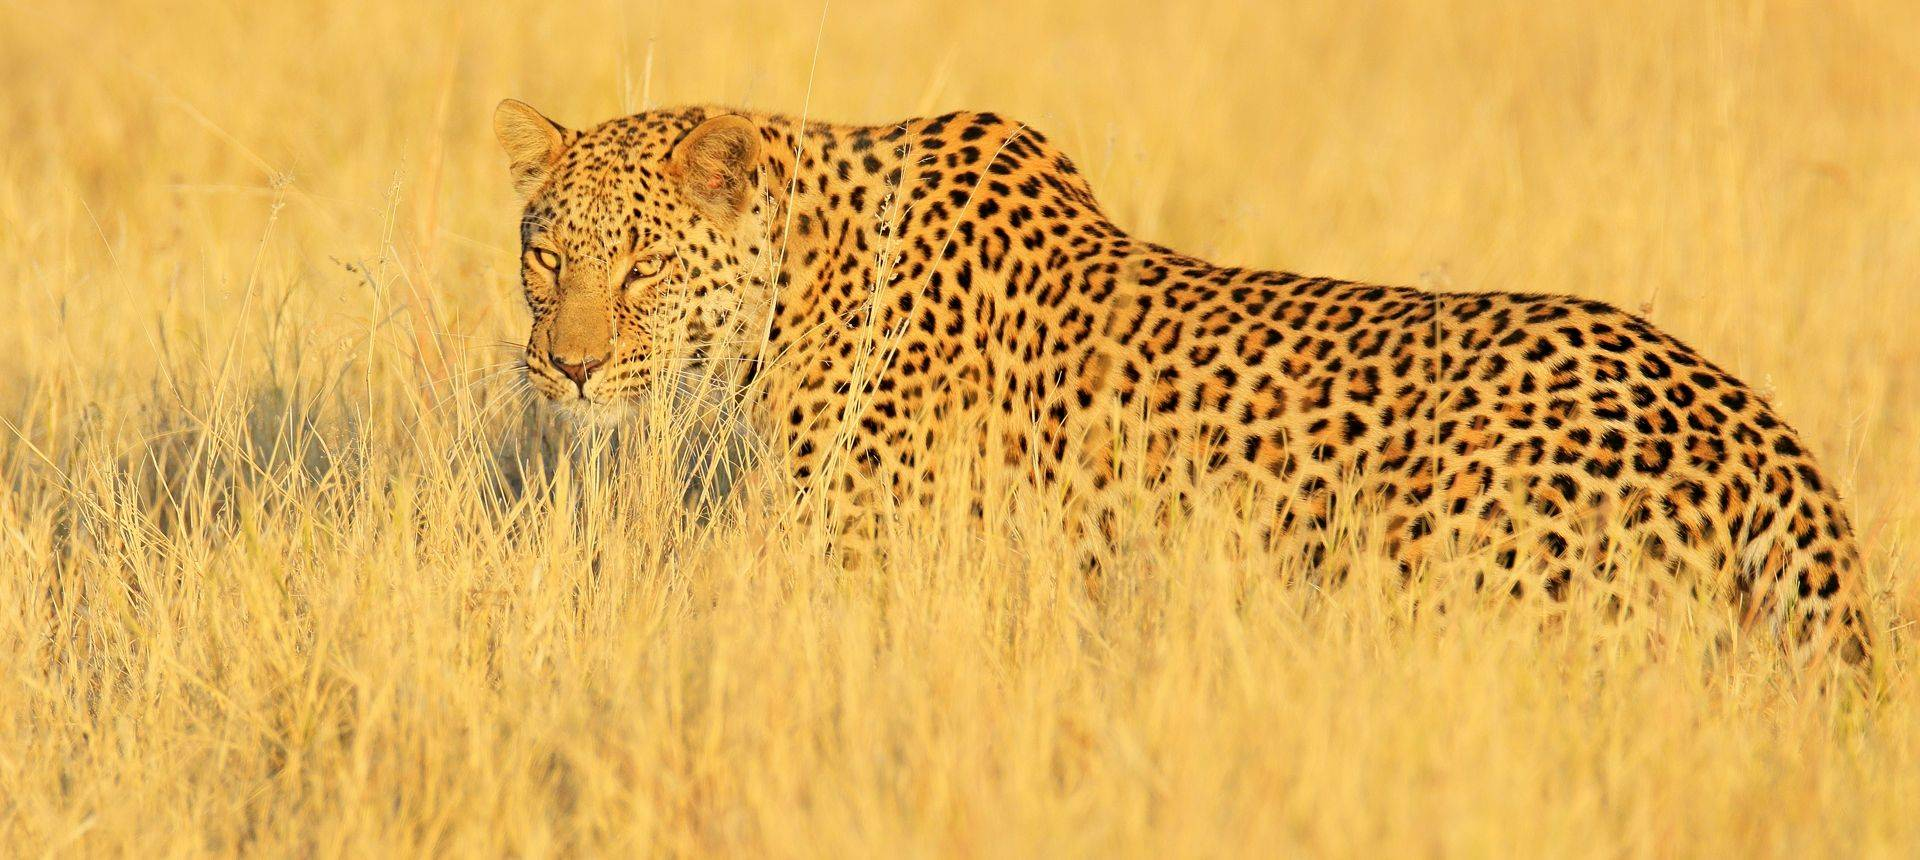 Leopard, Zambia Shutterstock 1111394156